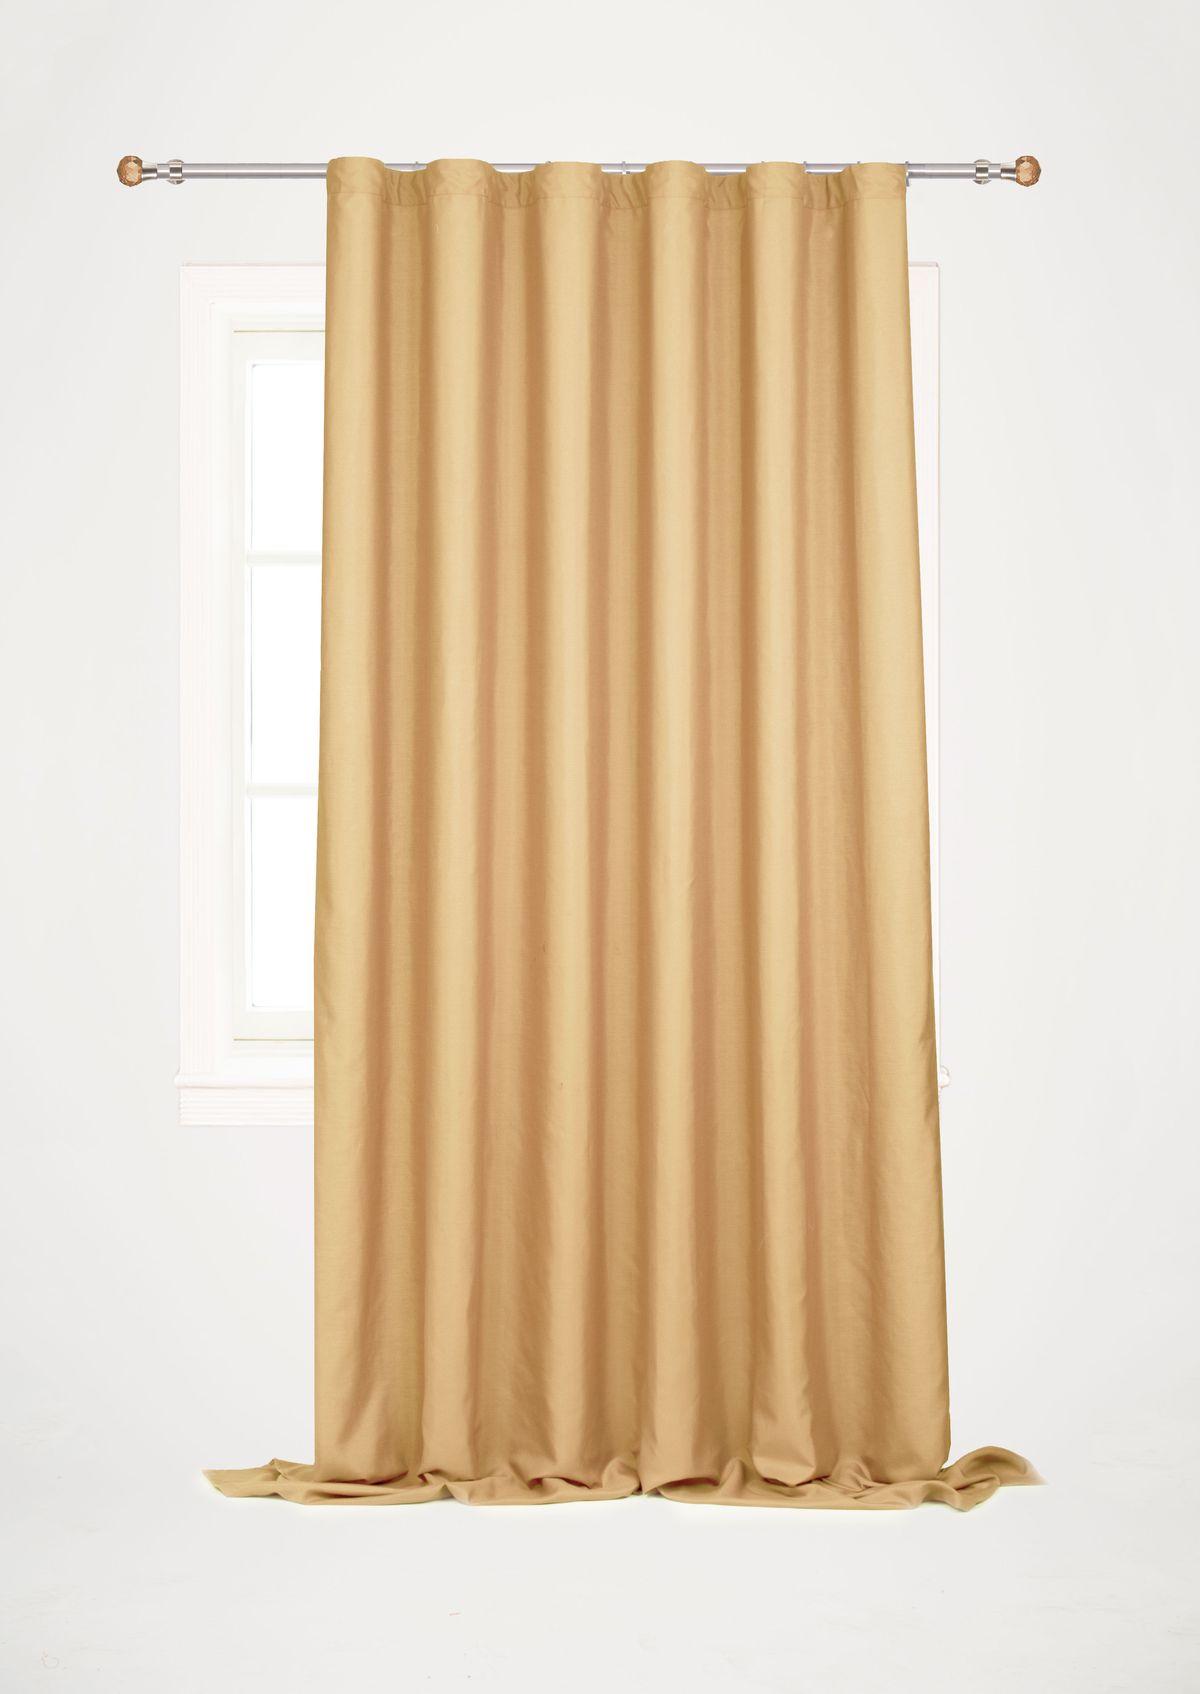 Штора готовая Garden, на ленте, цвет: коричневый, 200 х 260 см. С W1223 V71172С W1223 V71172Изящная штора для гостиной Garden выполнена из плотной ткани. Приятная текстура и цвет привлекут к себе внимание и органично впишутся в интерьер помещения. Штора крепится на карниз при помощи ленты, которая поможет красиво и равномерно задрапировать верх.